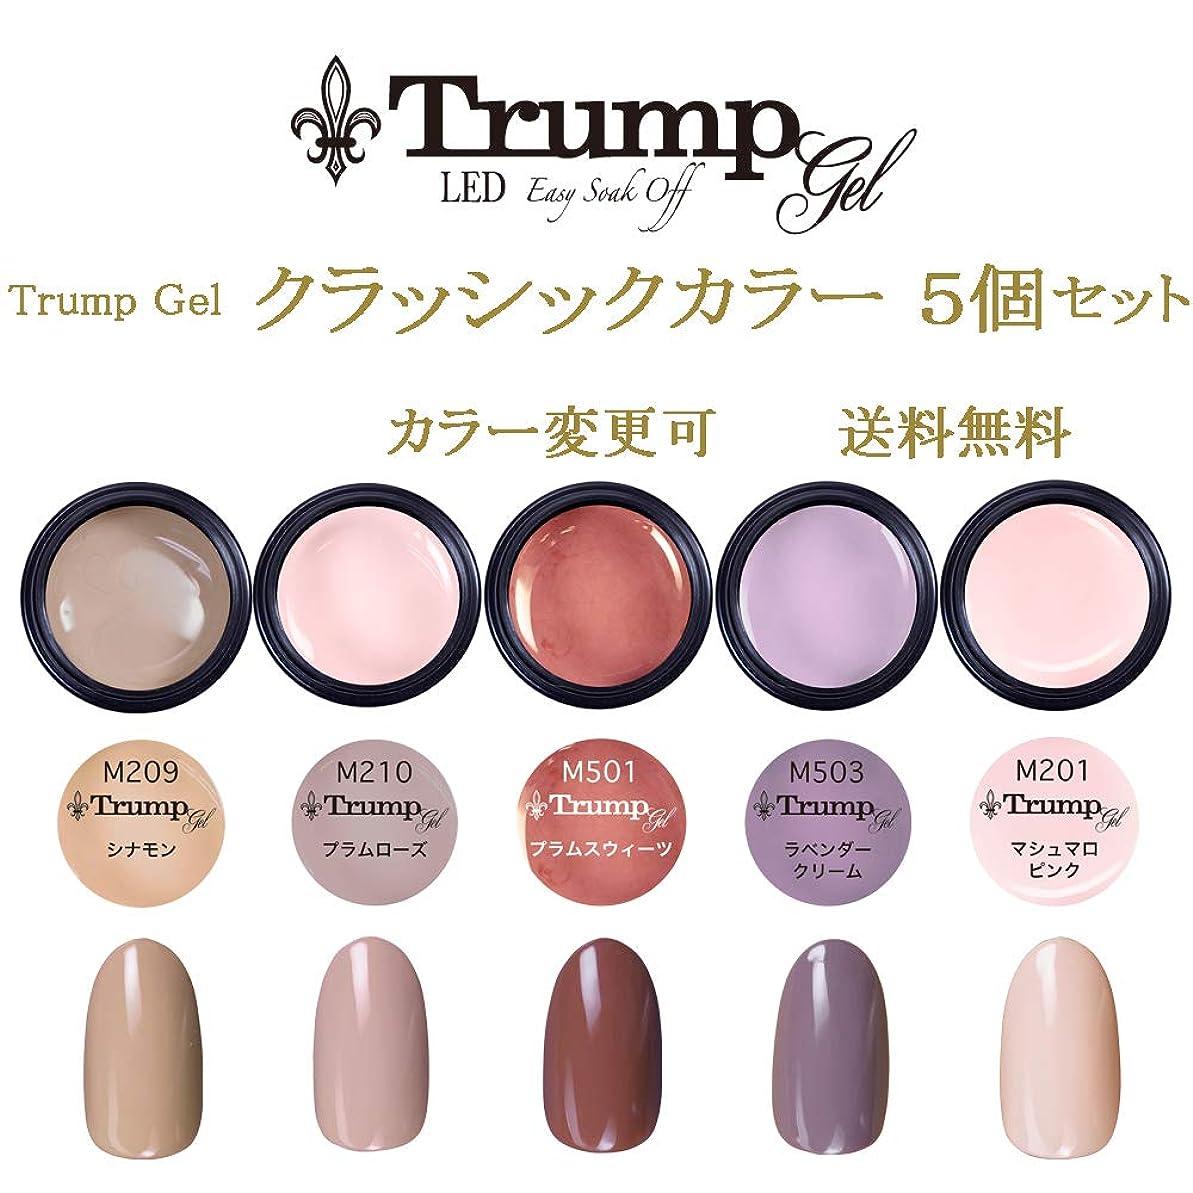 崩壊解凍する、雪解け、霜解け唯物論【送料無料】日本製 Trump gel トランプジェル クラッシックカラー 選べる カラージェル 5個セット クラッシック ベージュ ブラウン ホワイト ラメ カラー